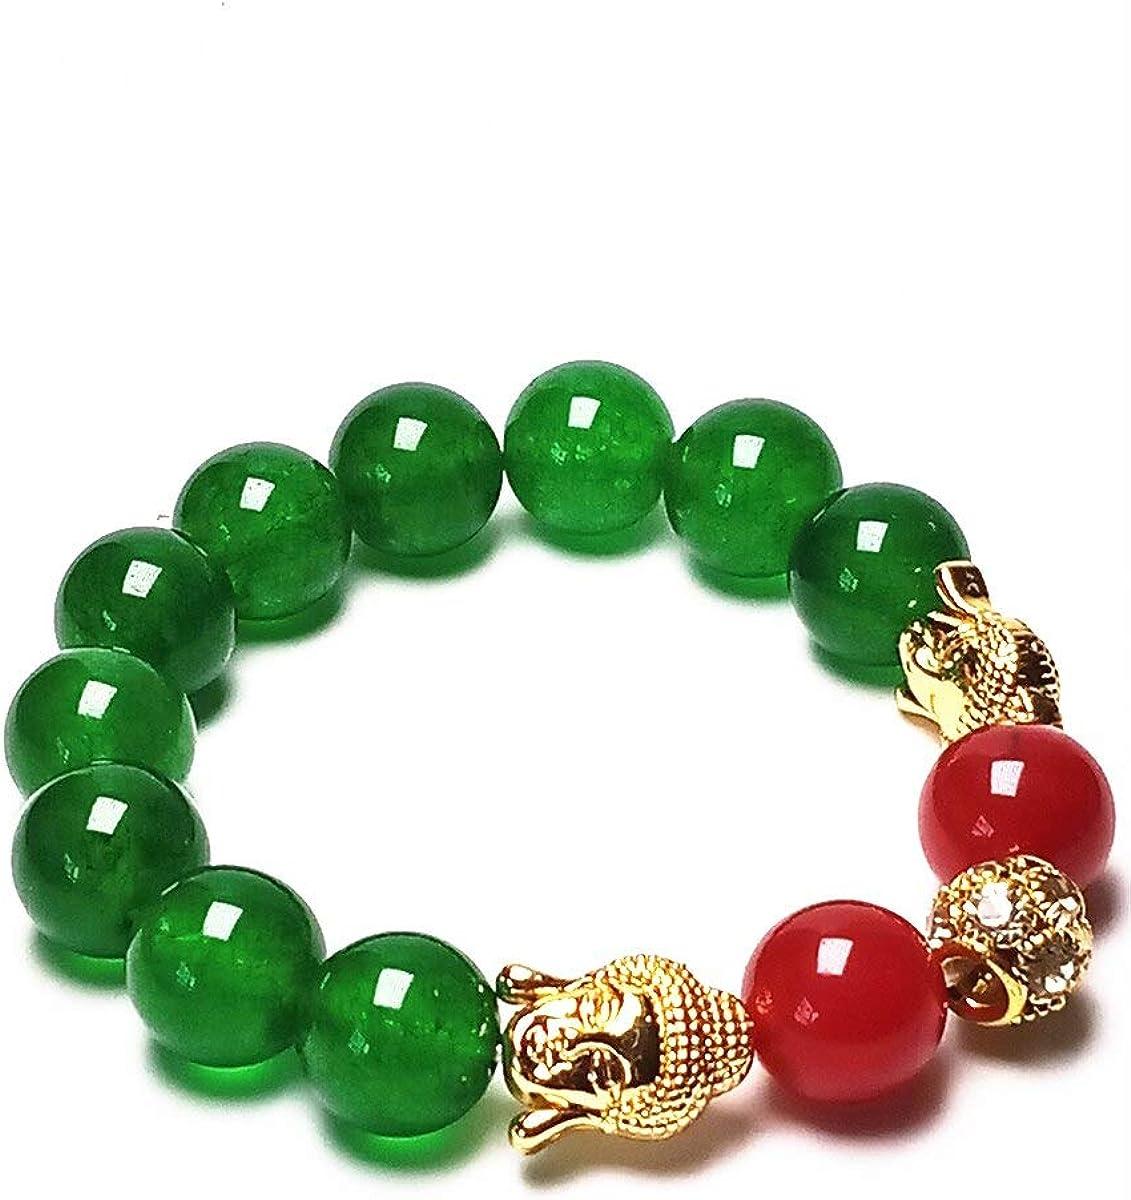 yigedan - Pulsera elástica de Cuentas de 12 mm de Color Verde Jade Dorado con Piedras Preciosas Redondas de Buda Sakyamuni